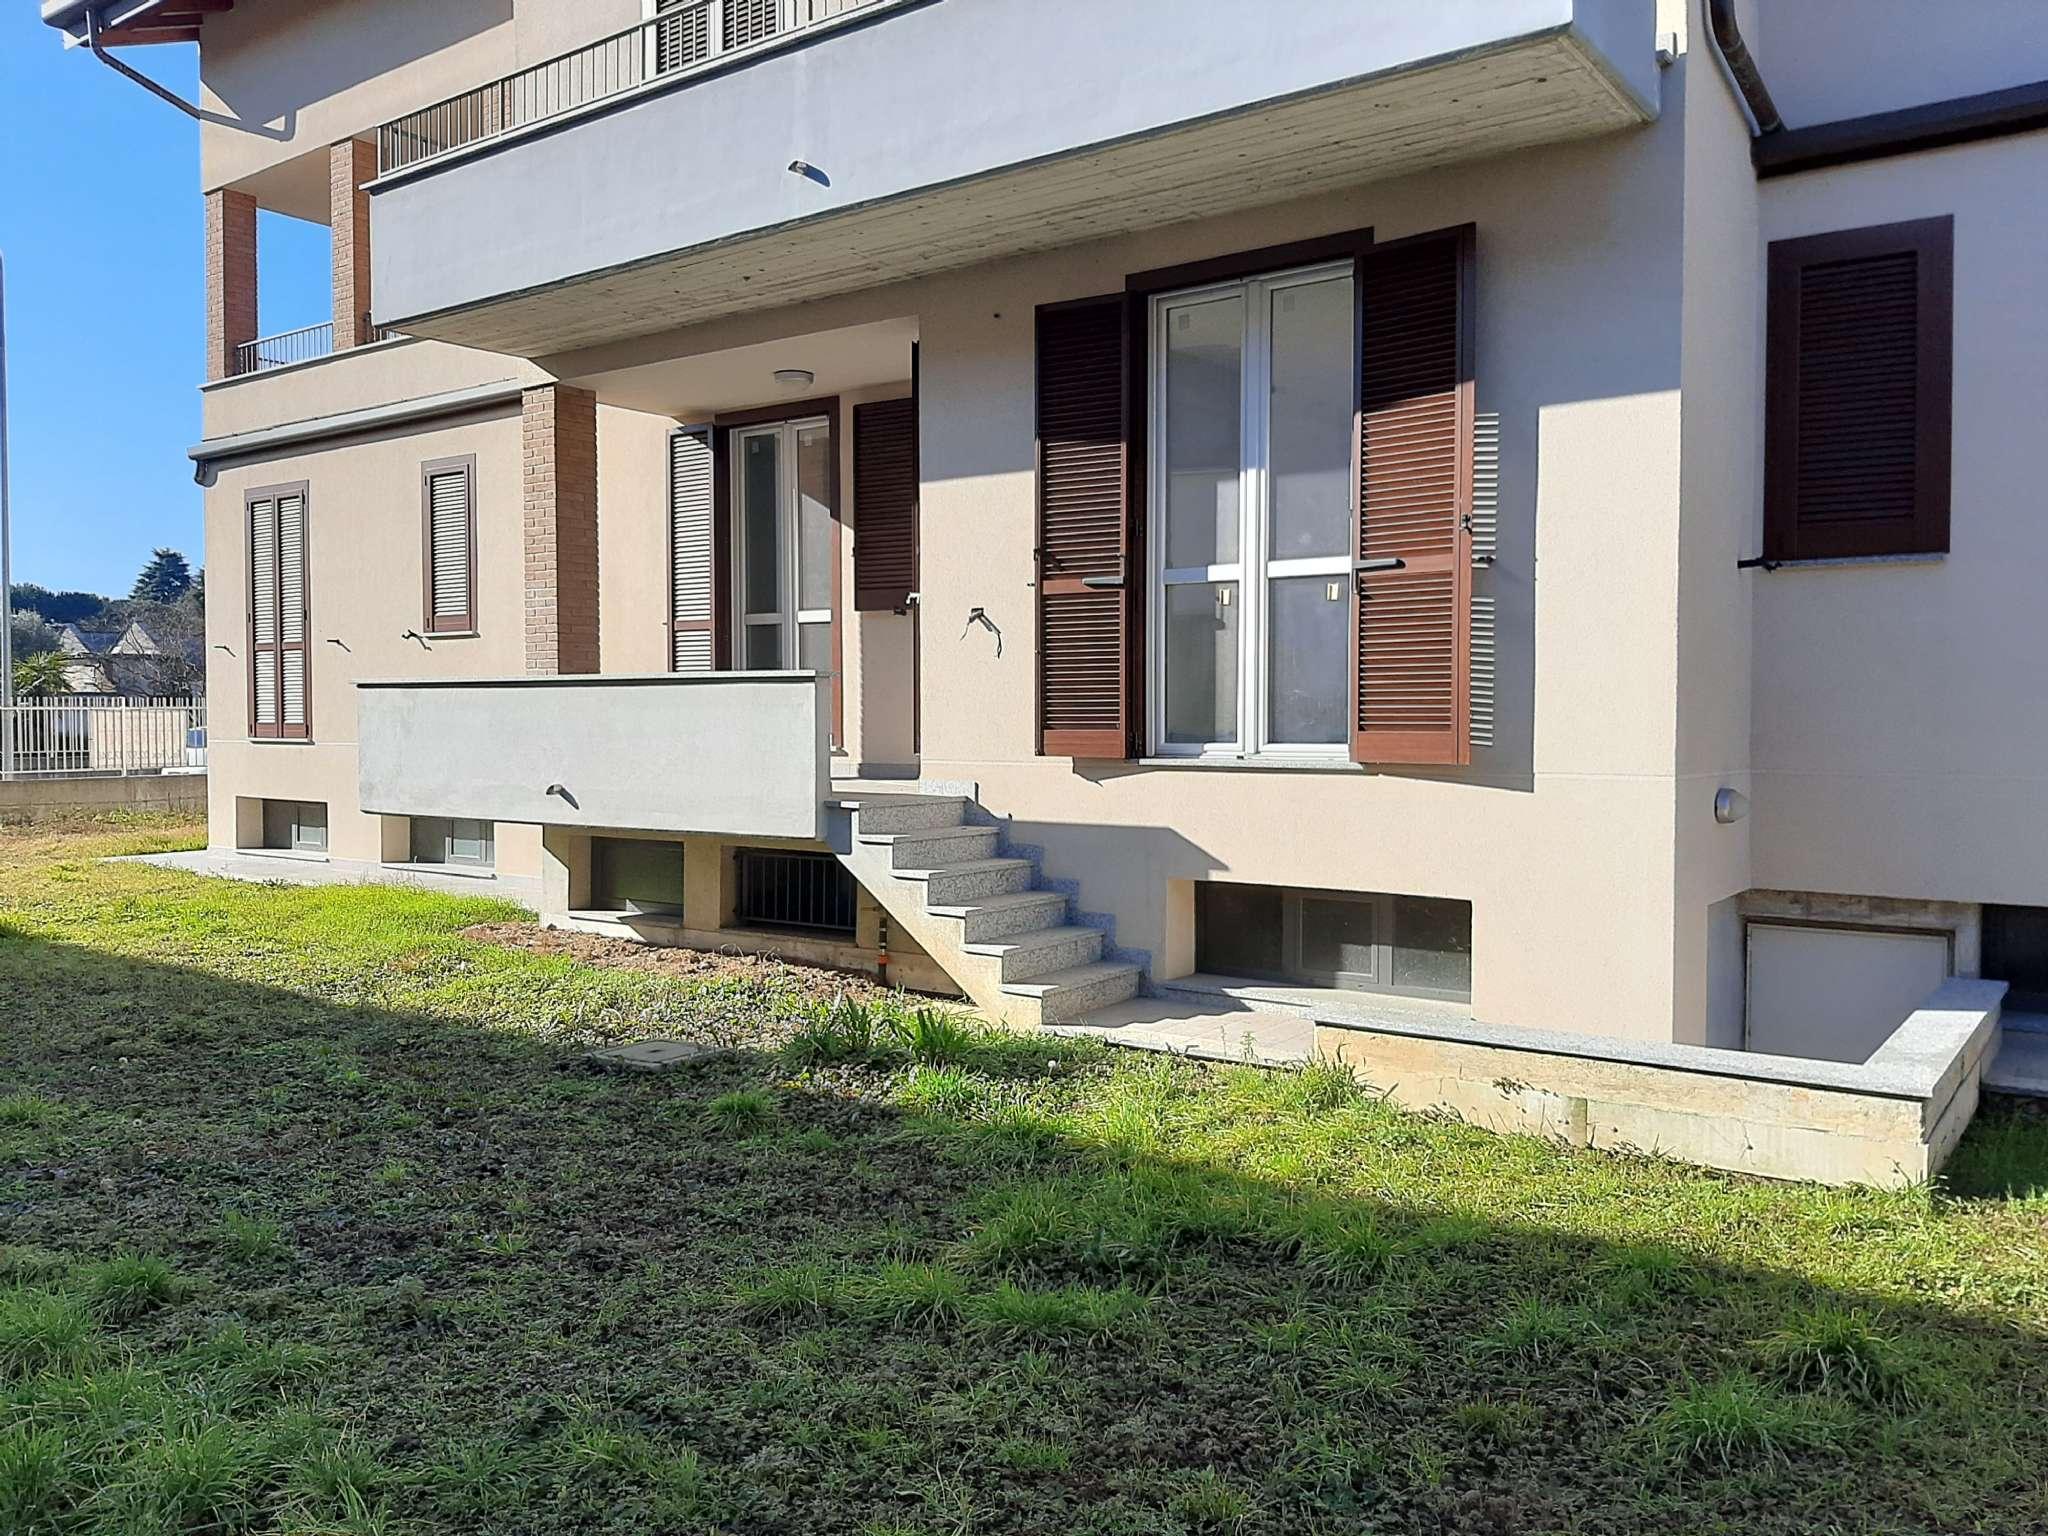 Appartamento in vendita a Buscate, 2 locali, prezzo € 110.000 | PortaleAgenzieImmobiliari.it